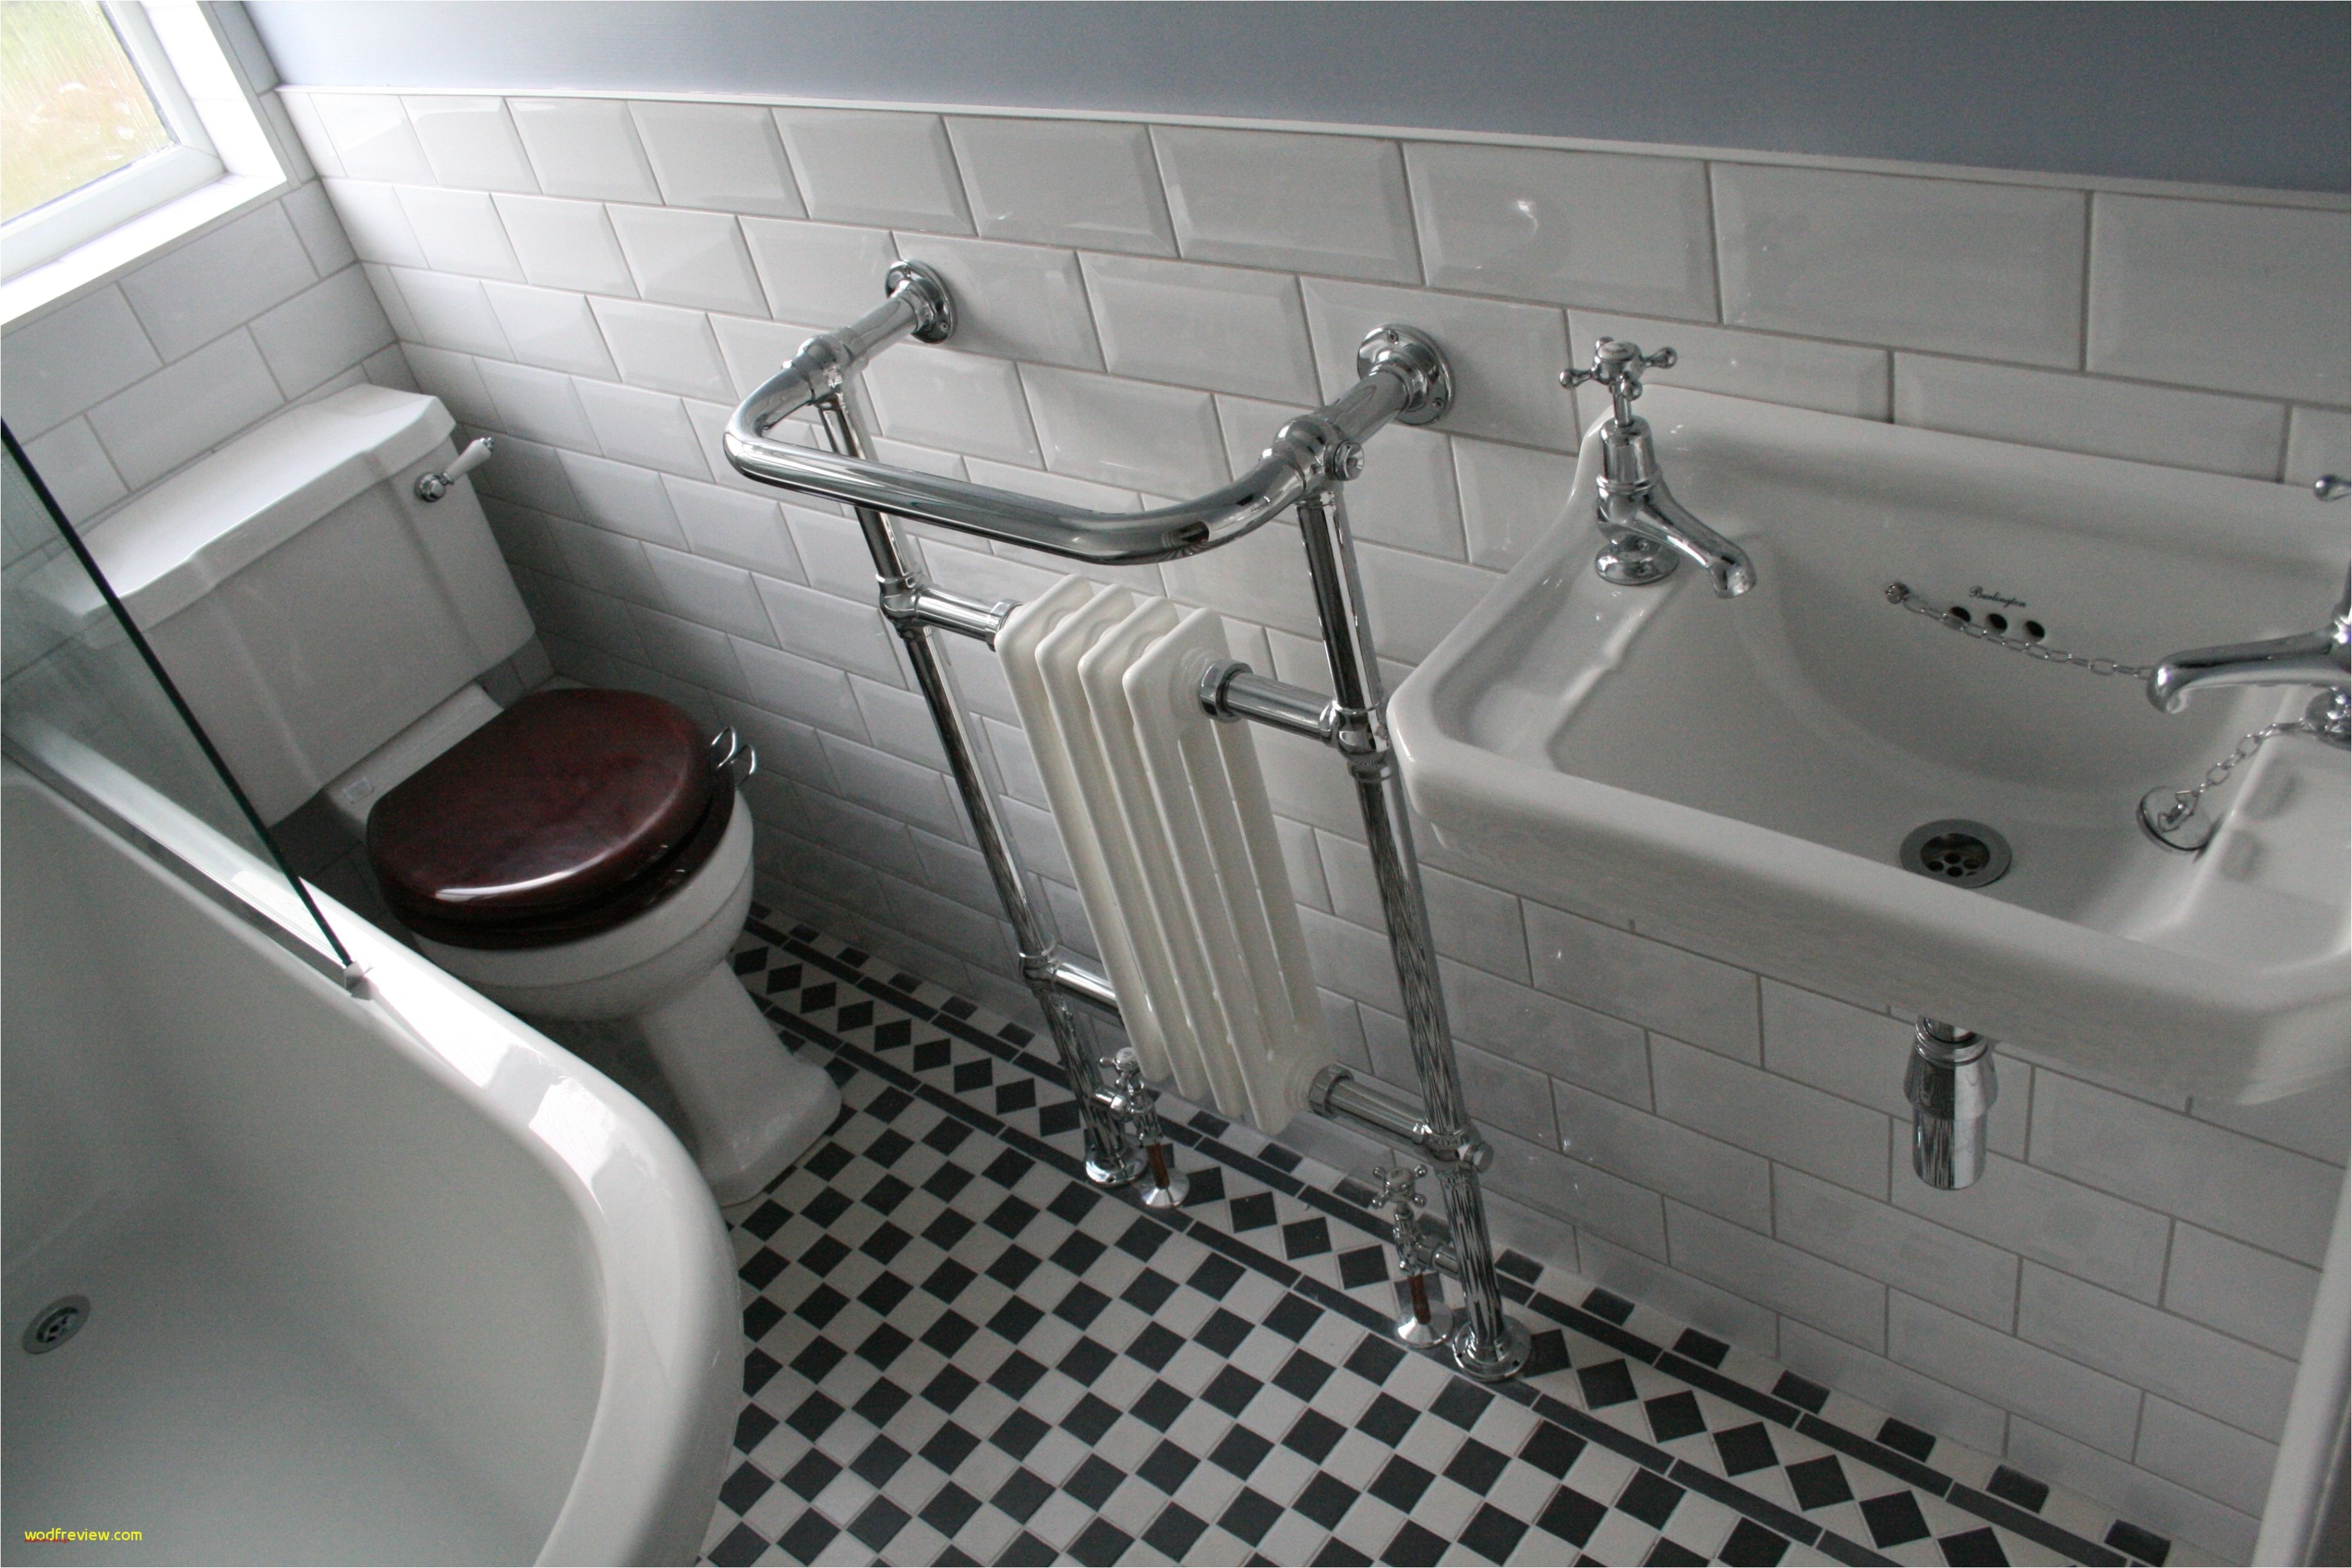 Bathrooms Ideas Refrence Small Bathroom Design Gallery Fresh Bathroom Elegant Ideas 0d